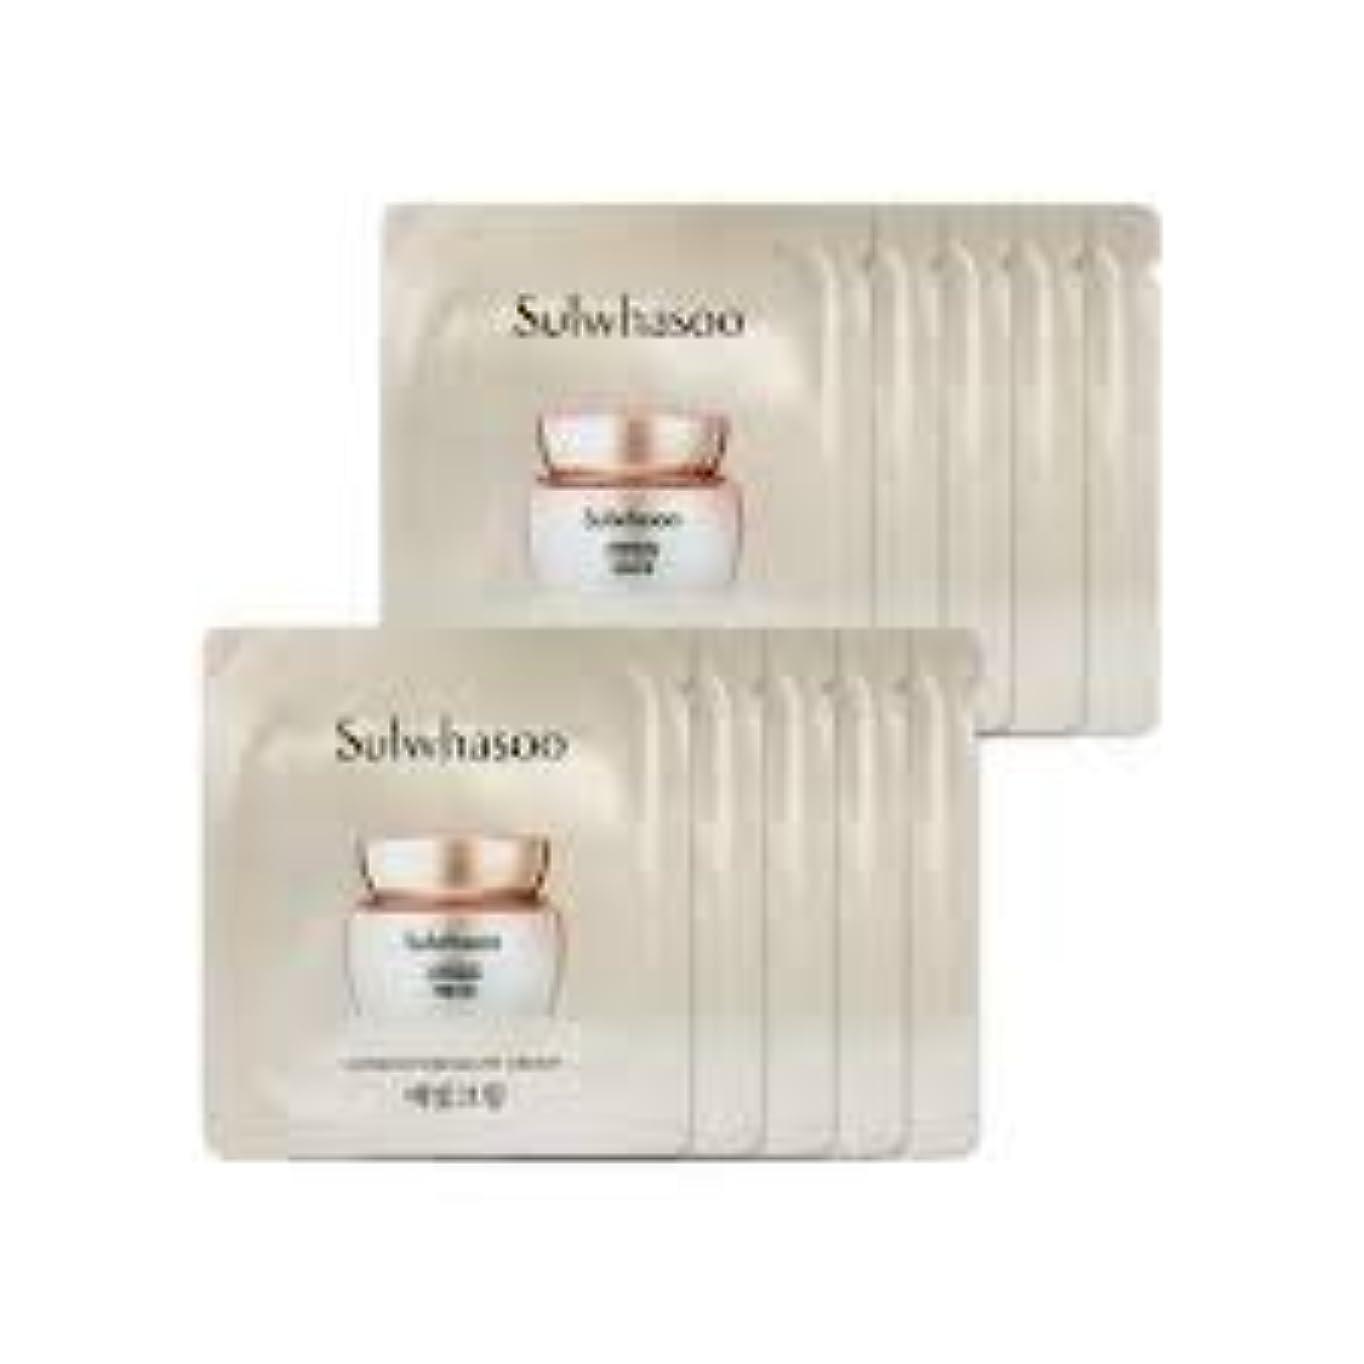 量で荒涼としたシュート[ソルファス ] Sulwhasoo (雪花秀) ルミナチュアグロー Luminature Glow Cream 1ml x 30 (イェビトクリーム) [ShopMaster1]